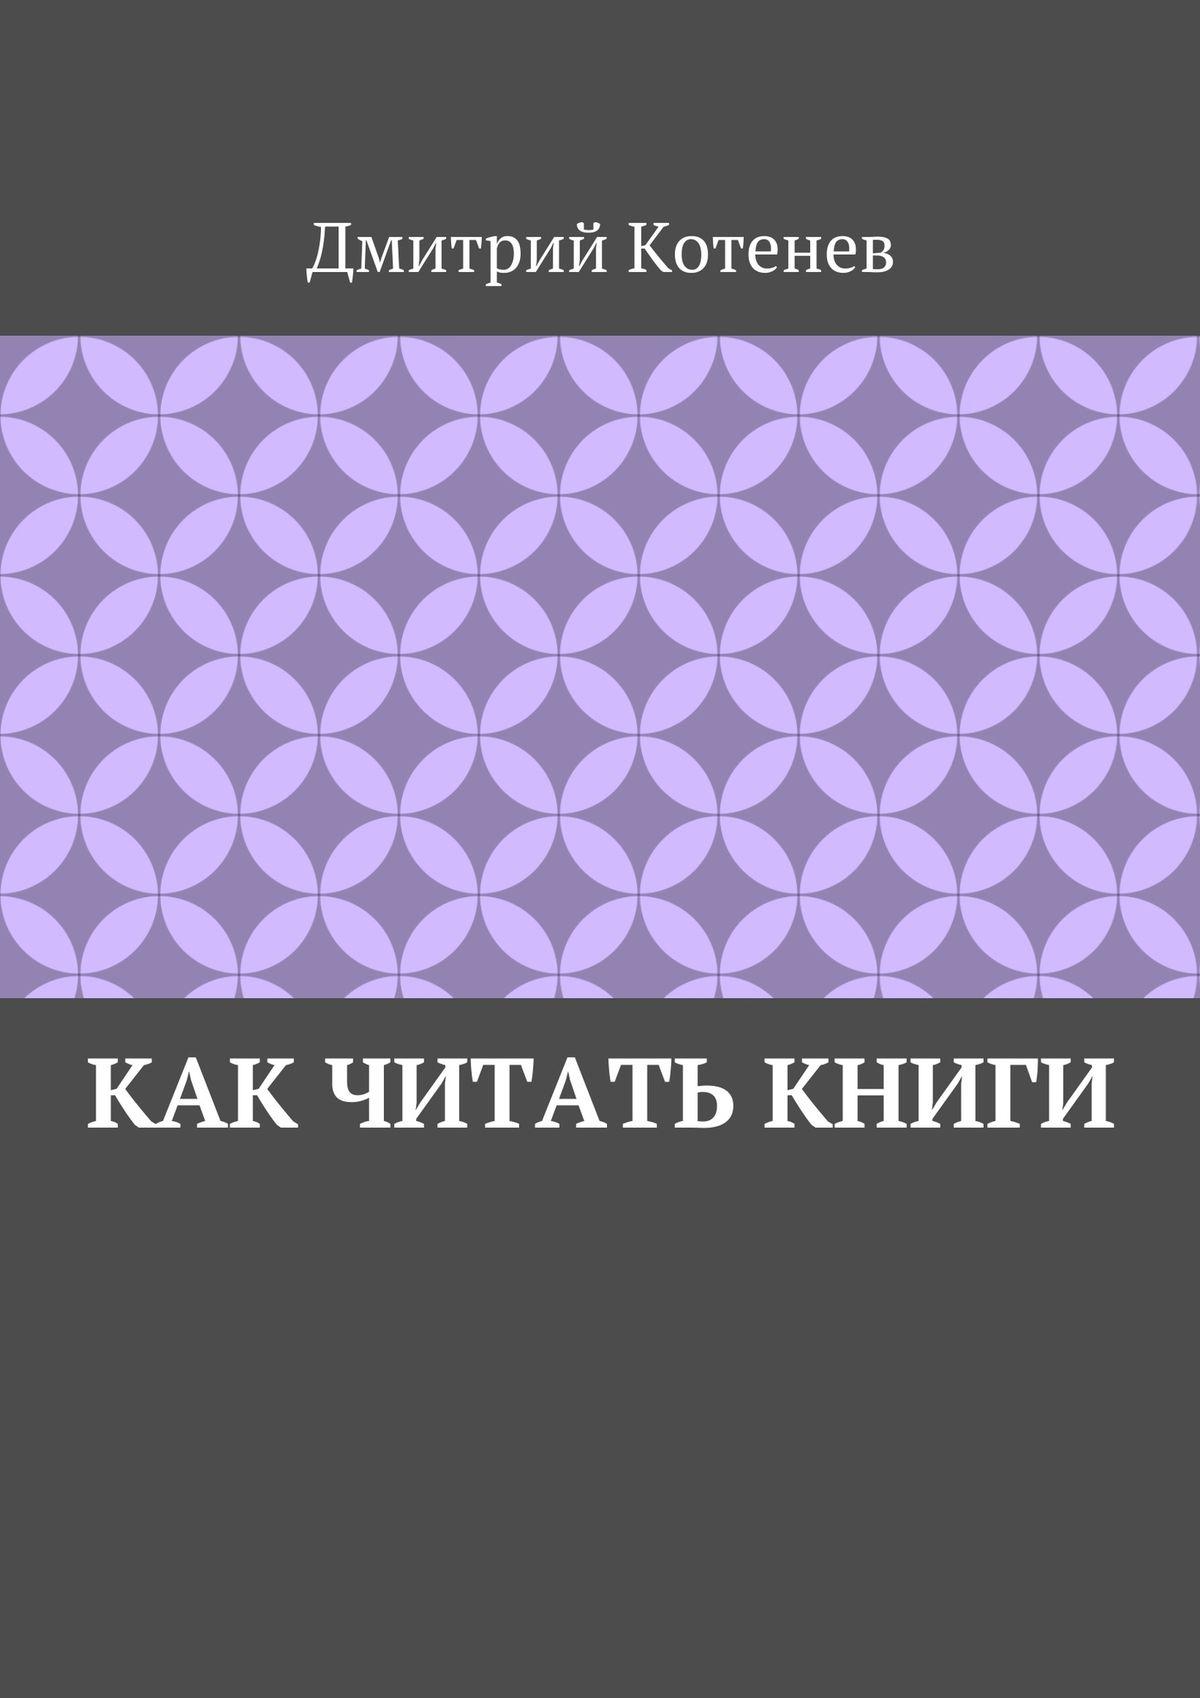 Дмитрий Котенев Как читать книги